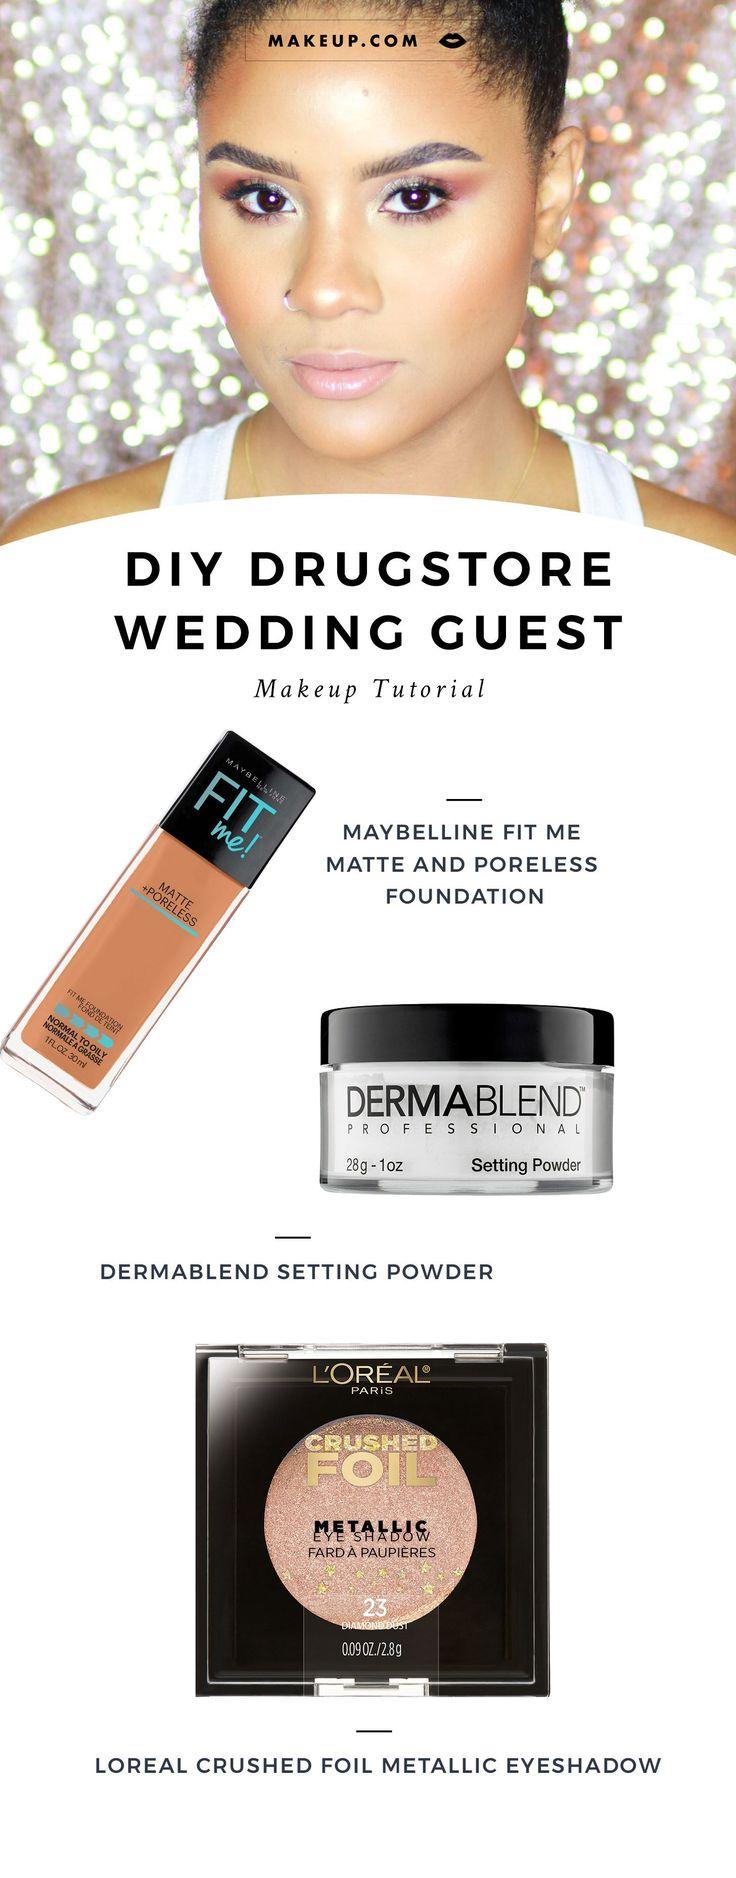 #DrugstoreWeddingMakeup #WeddingGuestMakeup #WeddingGuestMakeupTutorial #MakeupT...